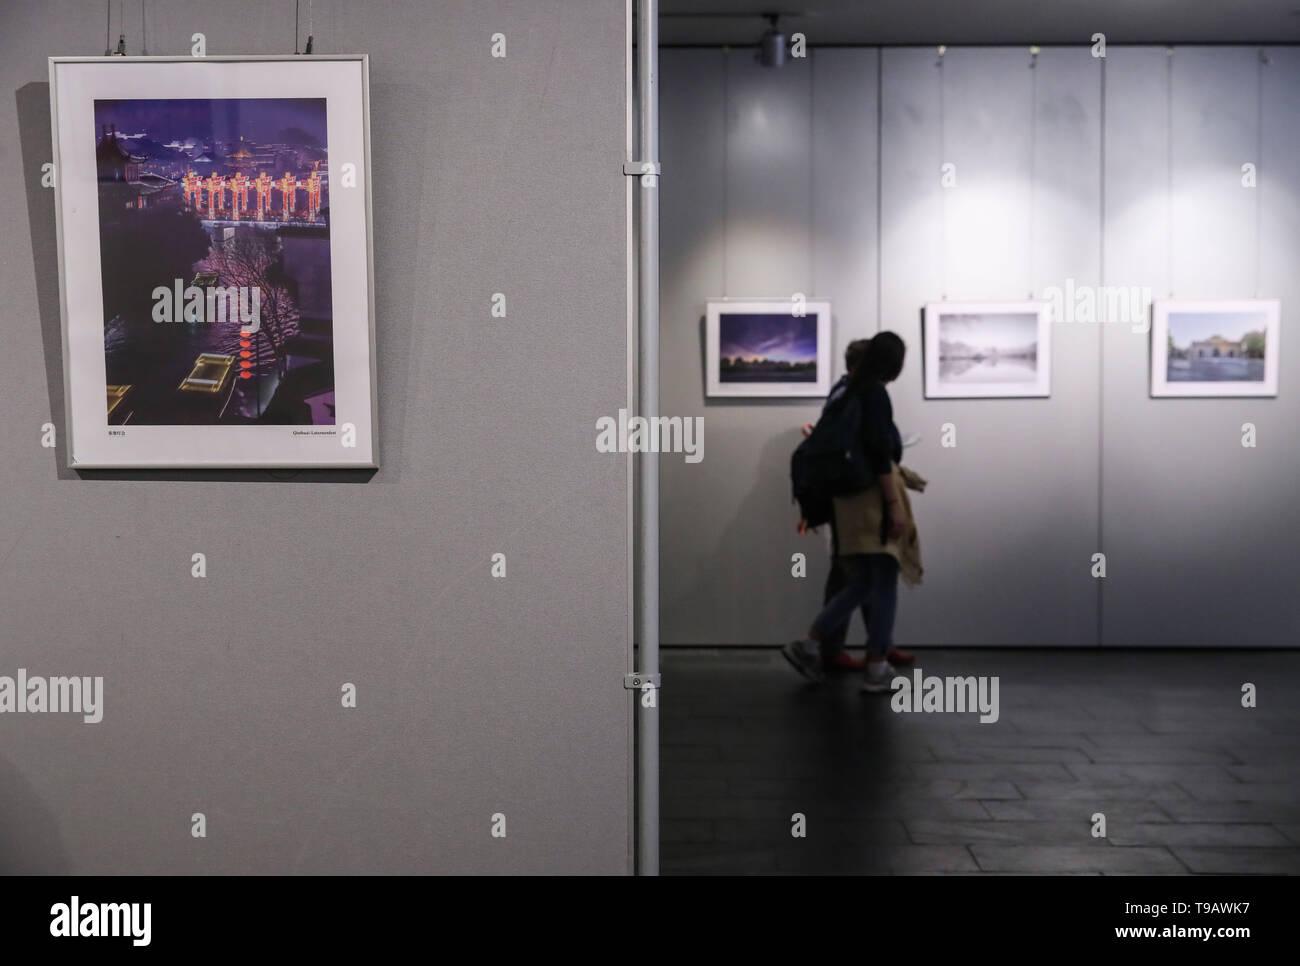 Berlin, Deutschland. 17 Mai, 2019. Besucher Blick auf Bilder während der Nanjing Kultur und Tourismus Wochen im chinesischen Kulturzentrum in Berlin, Hauptstadt der Bundesrepublik Deutschland, am 17. Mai 2019. Credit: Shan Yuqi/Xinhua/Alamy leben Nachrichten Stockfoto